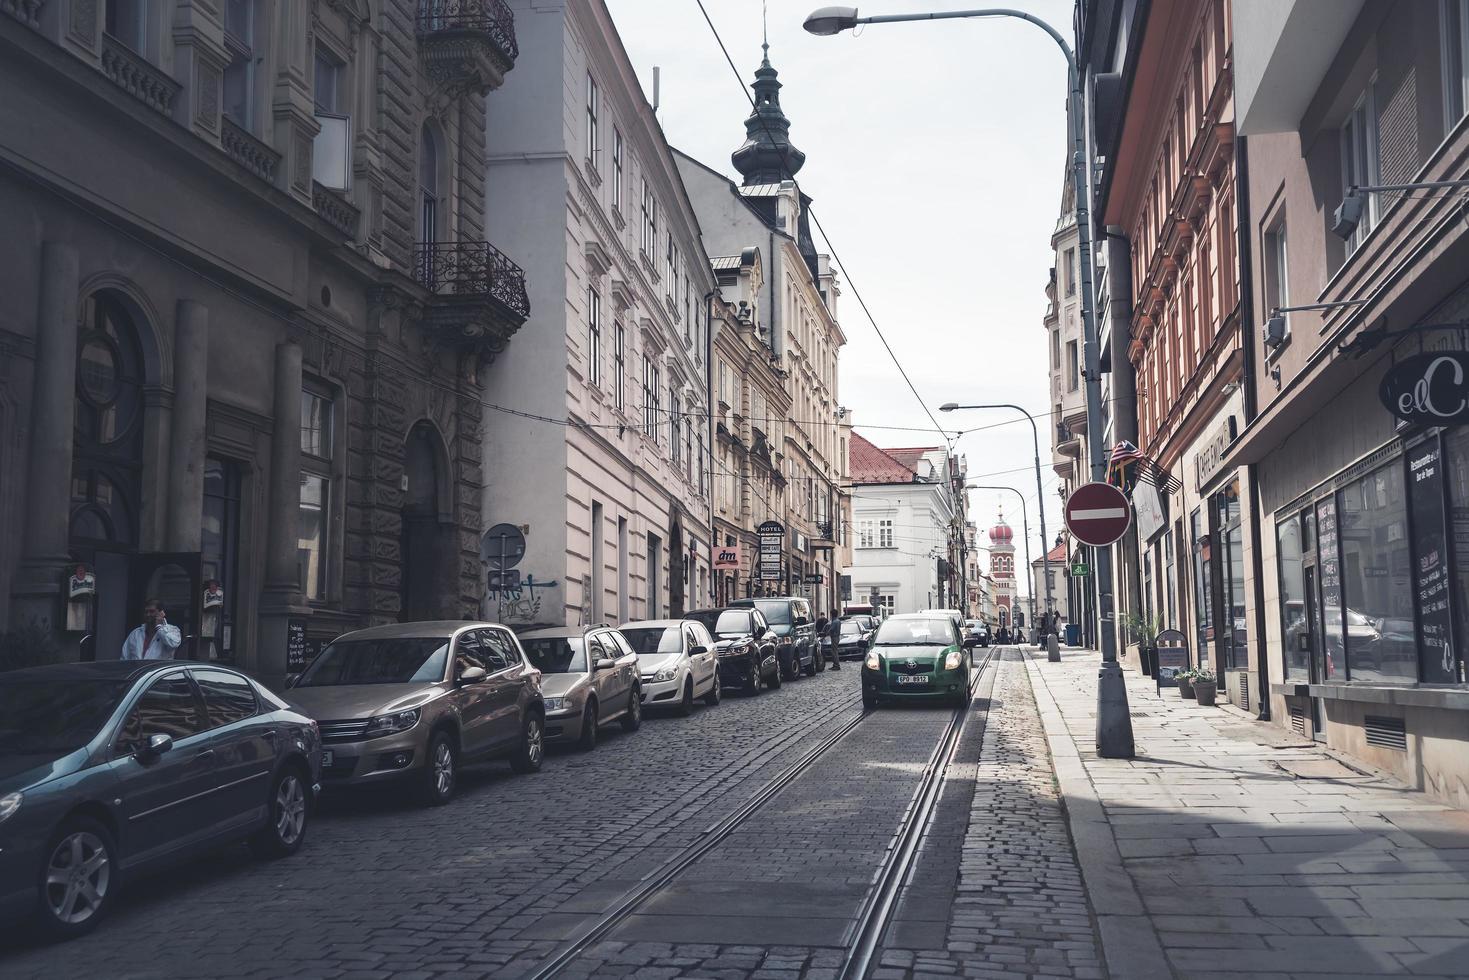 Plzen, République tchèque 2017 - rue Zbrojnicka dans une ville touristique animée photo